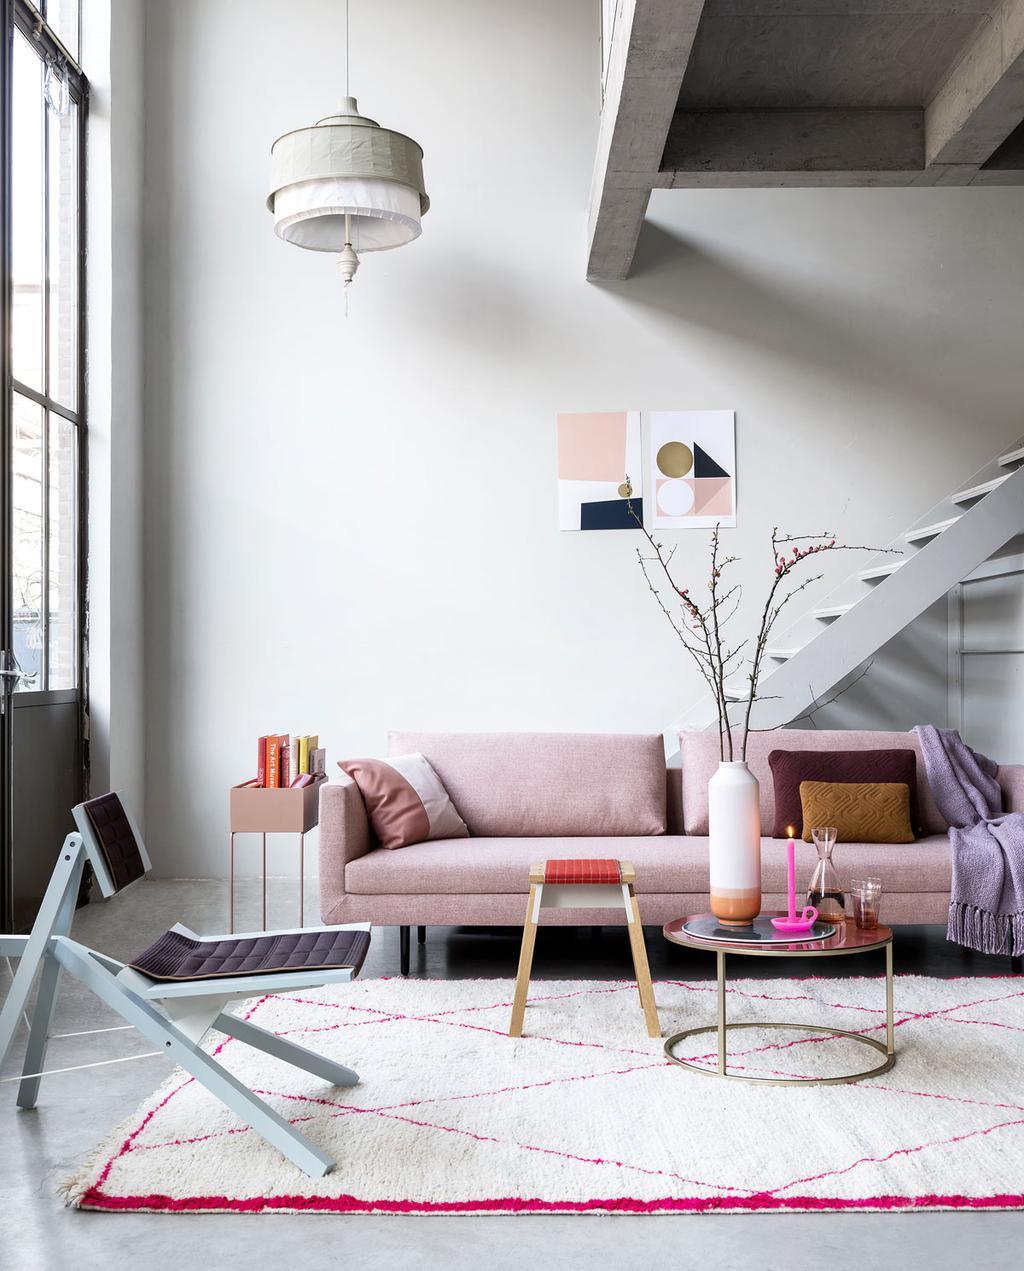 Een woonkamer met pasteltinten